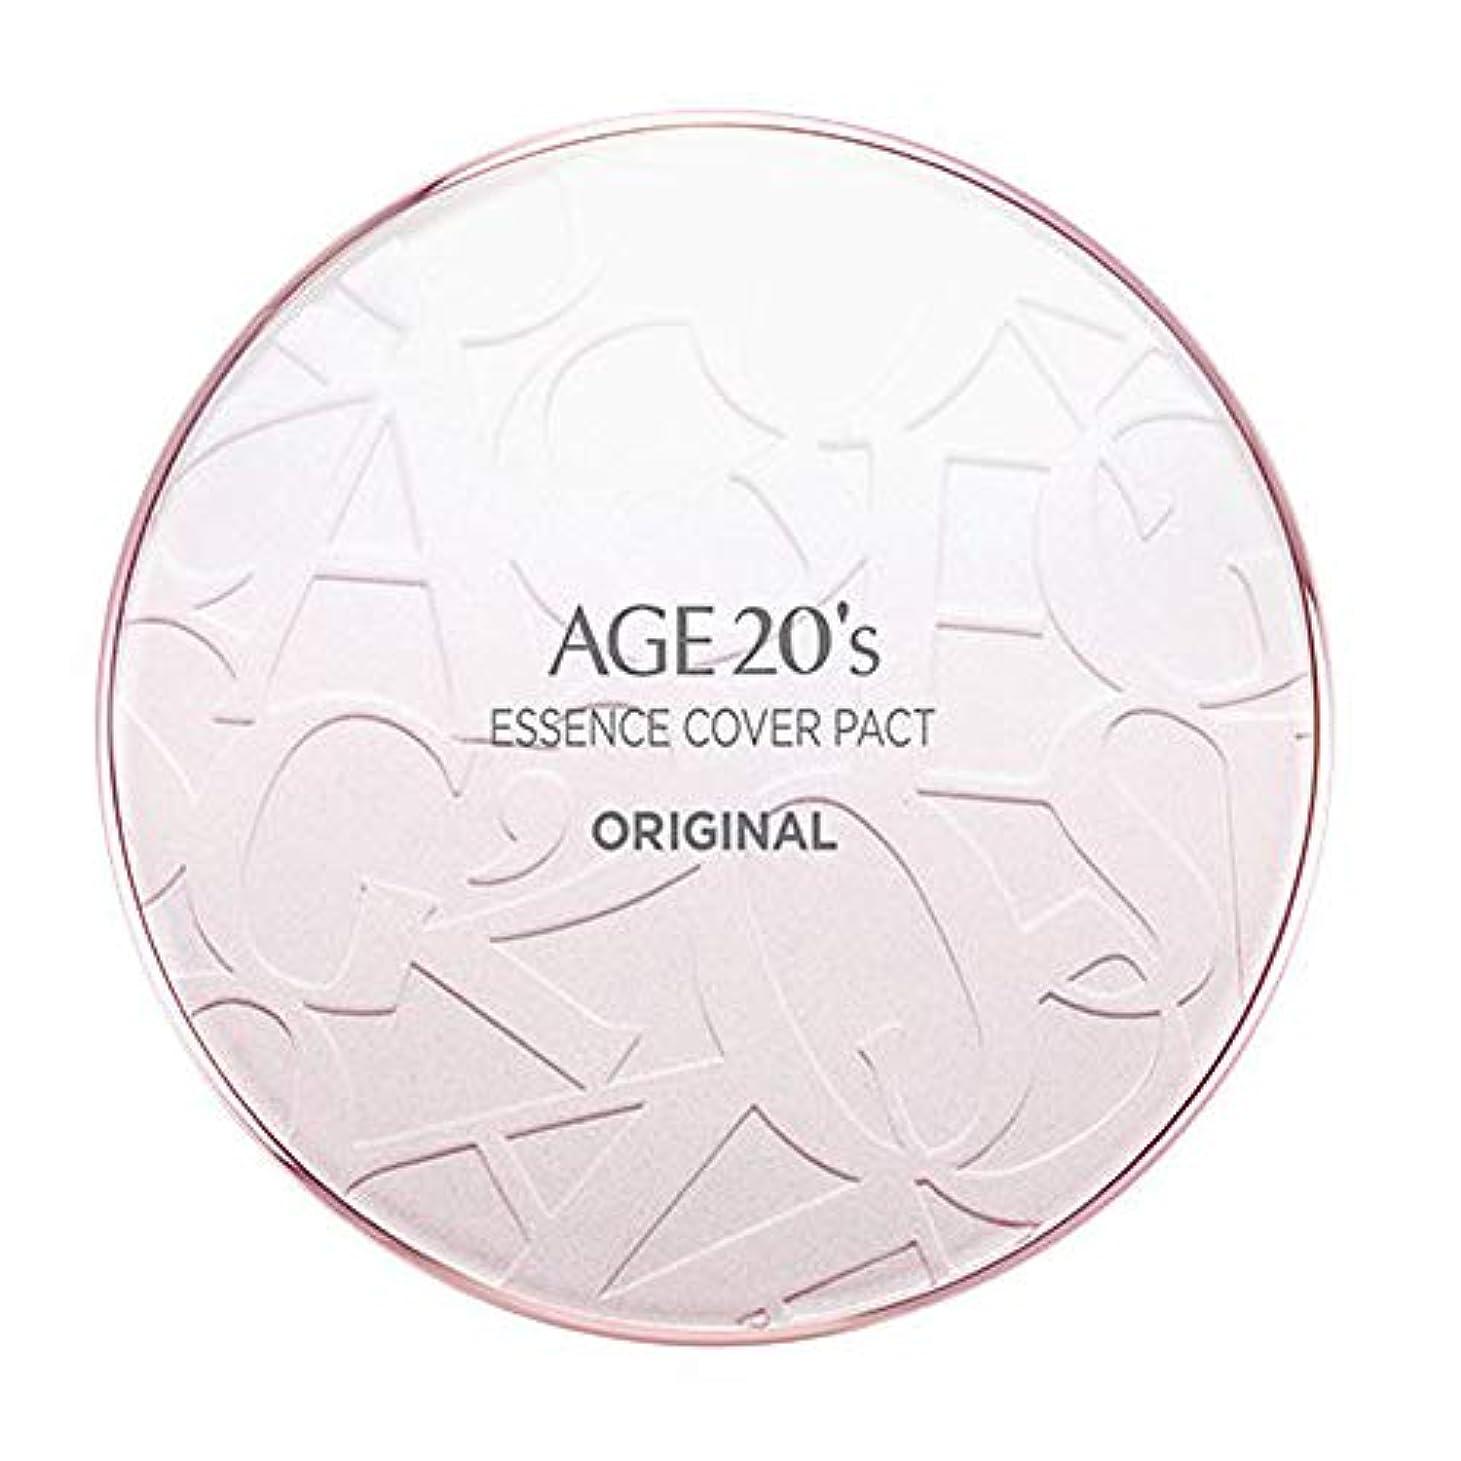 のり調整する廃棄AGE 20's(エイジ20's) エッセンスカバーパクトオリジナル(ケース1個+リフィル2個付)ケースカラーピンク (13号)